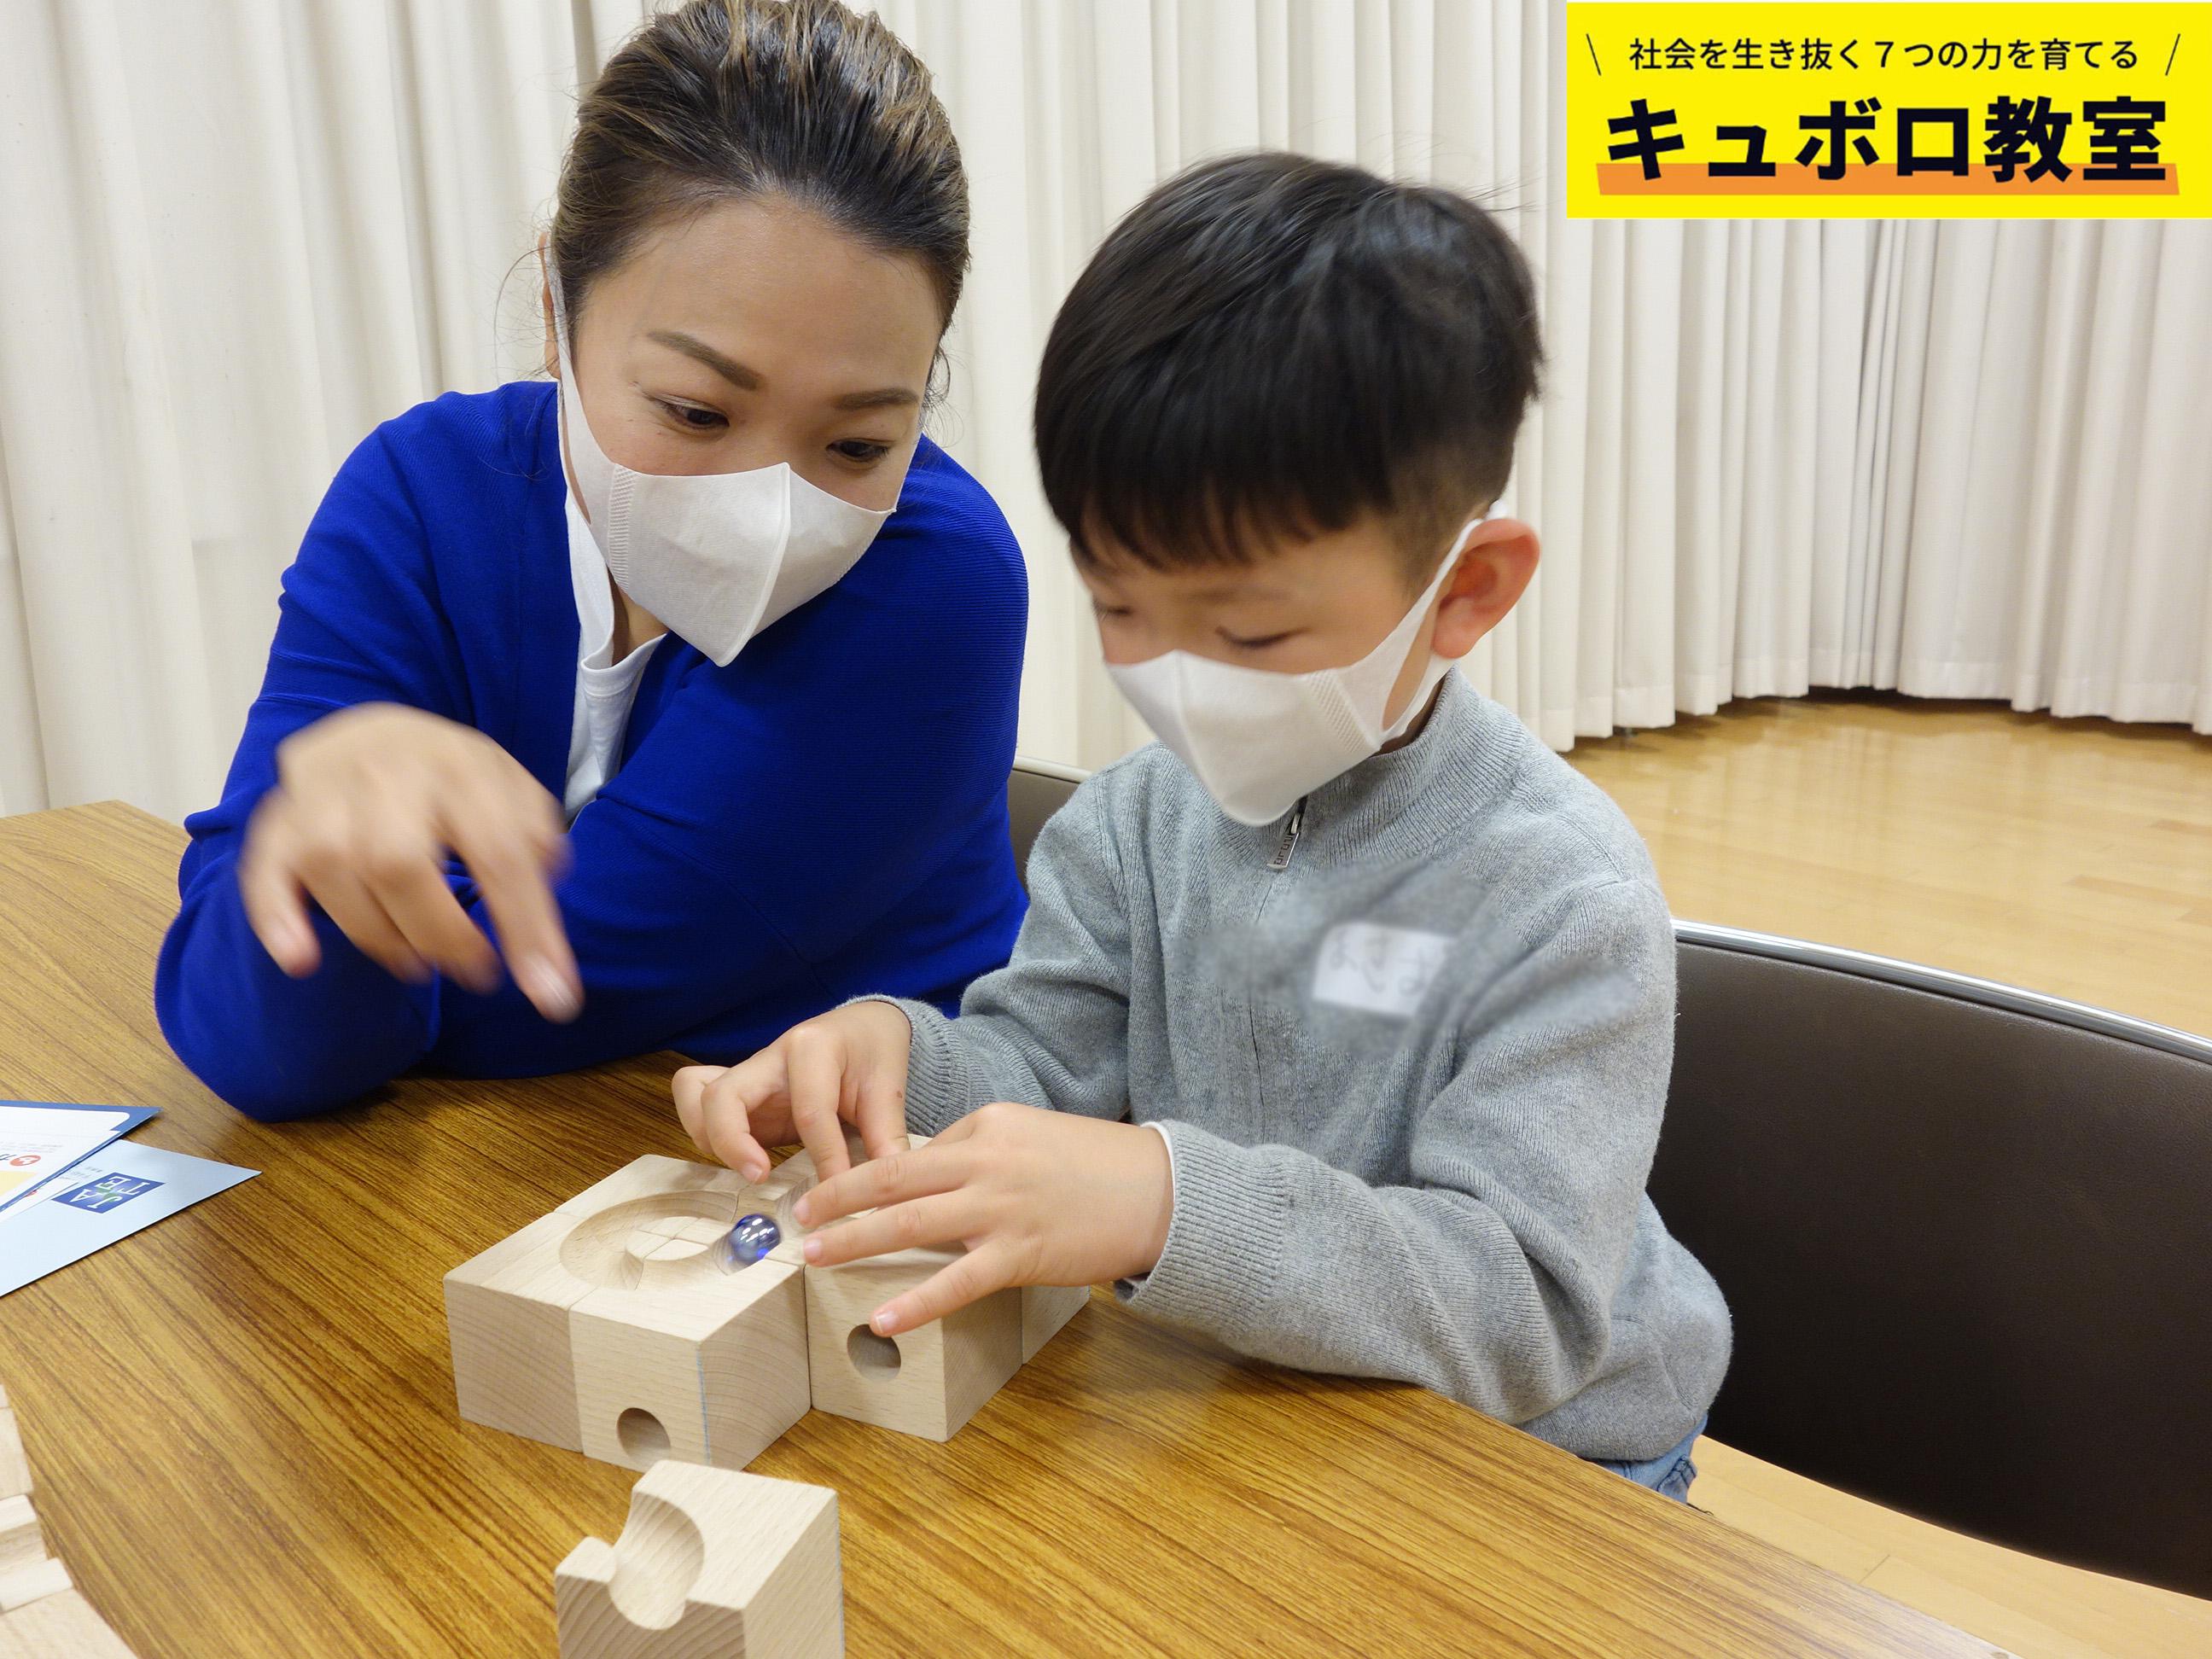 210403キュボロ教室_奈良登美ヶ丘産経学園04